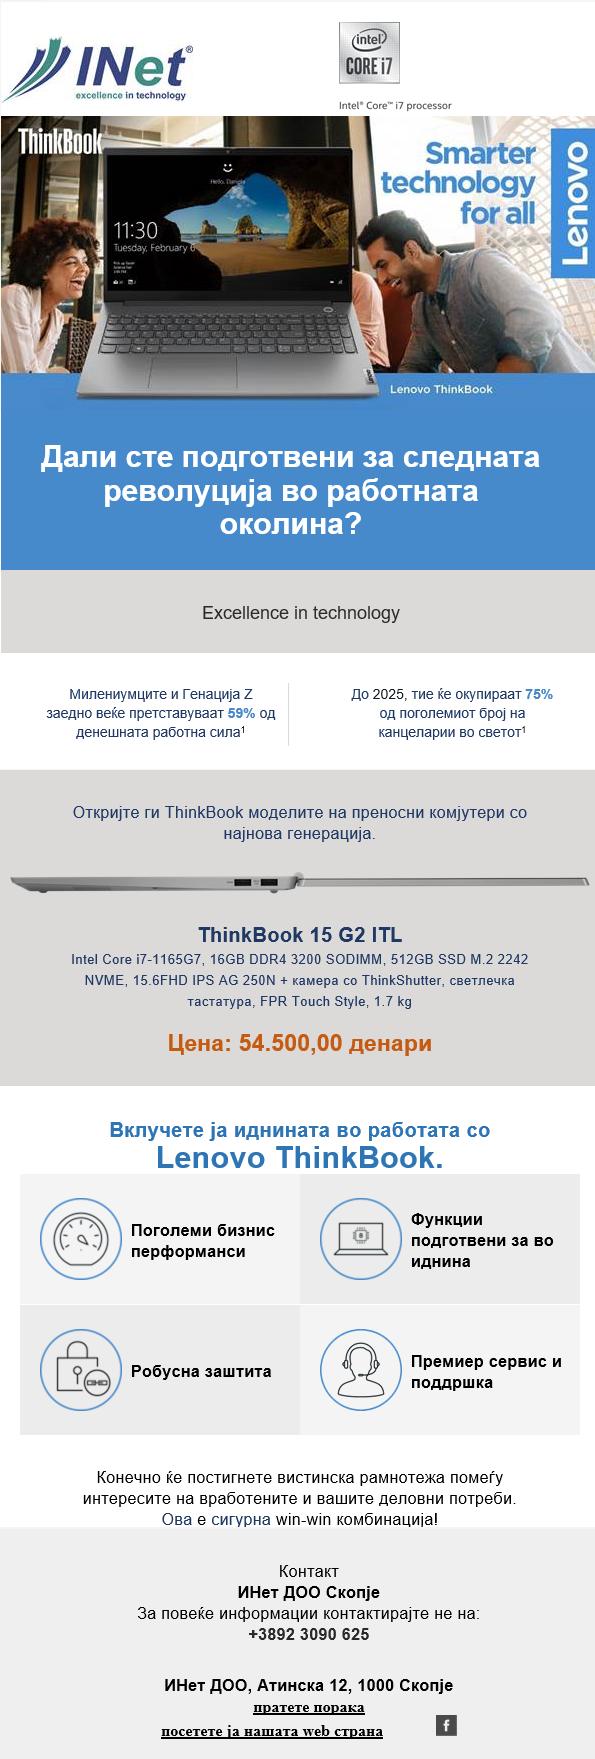 Lenovo PROMO Najrevolucionarnata tehnologija i kaj nas so ThinkBook 15 Gen2